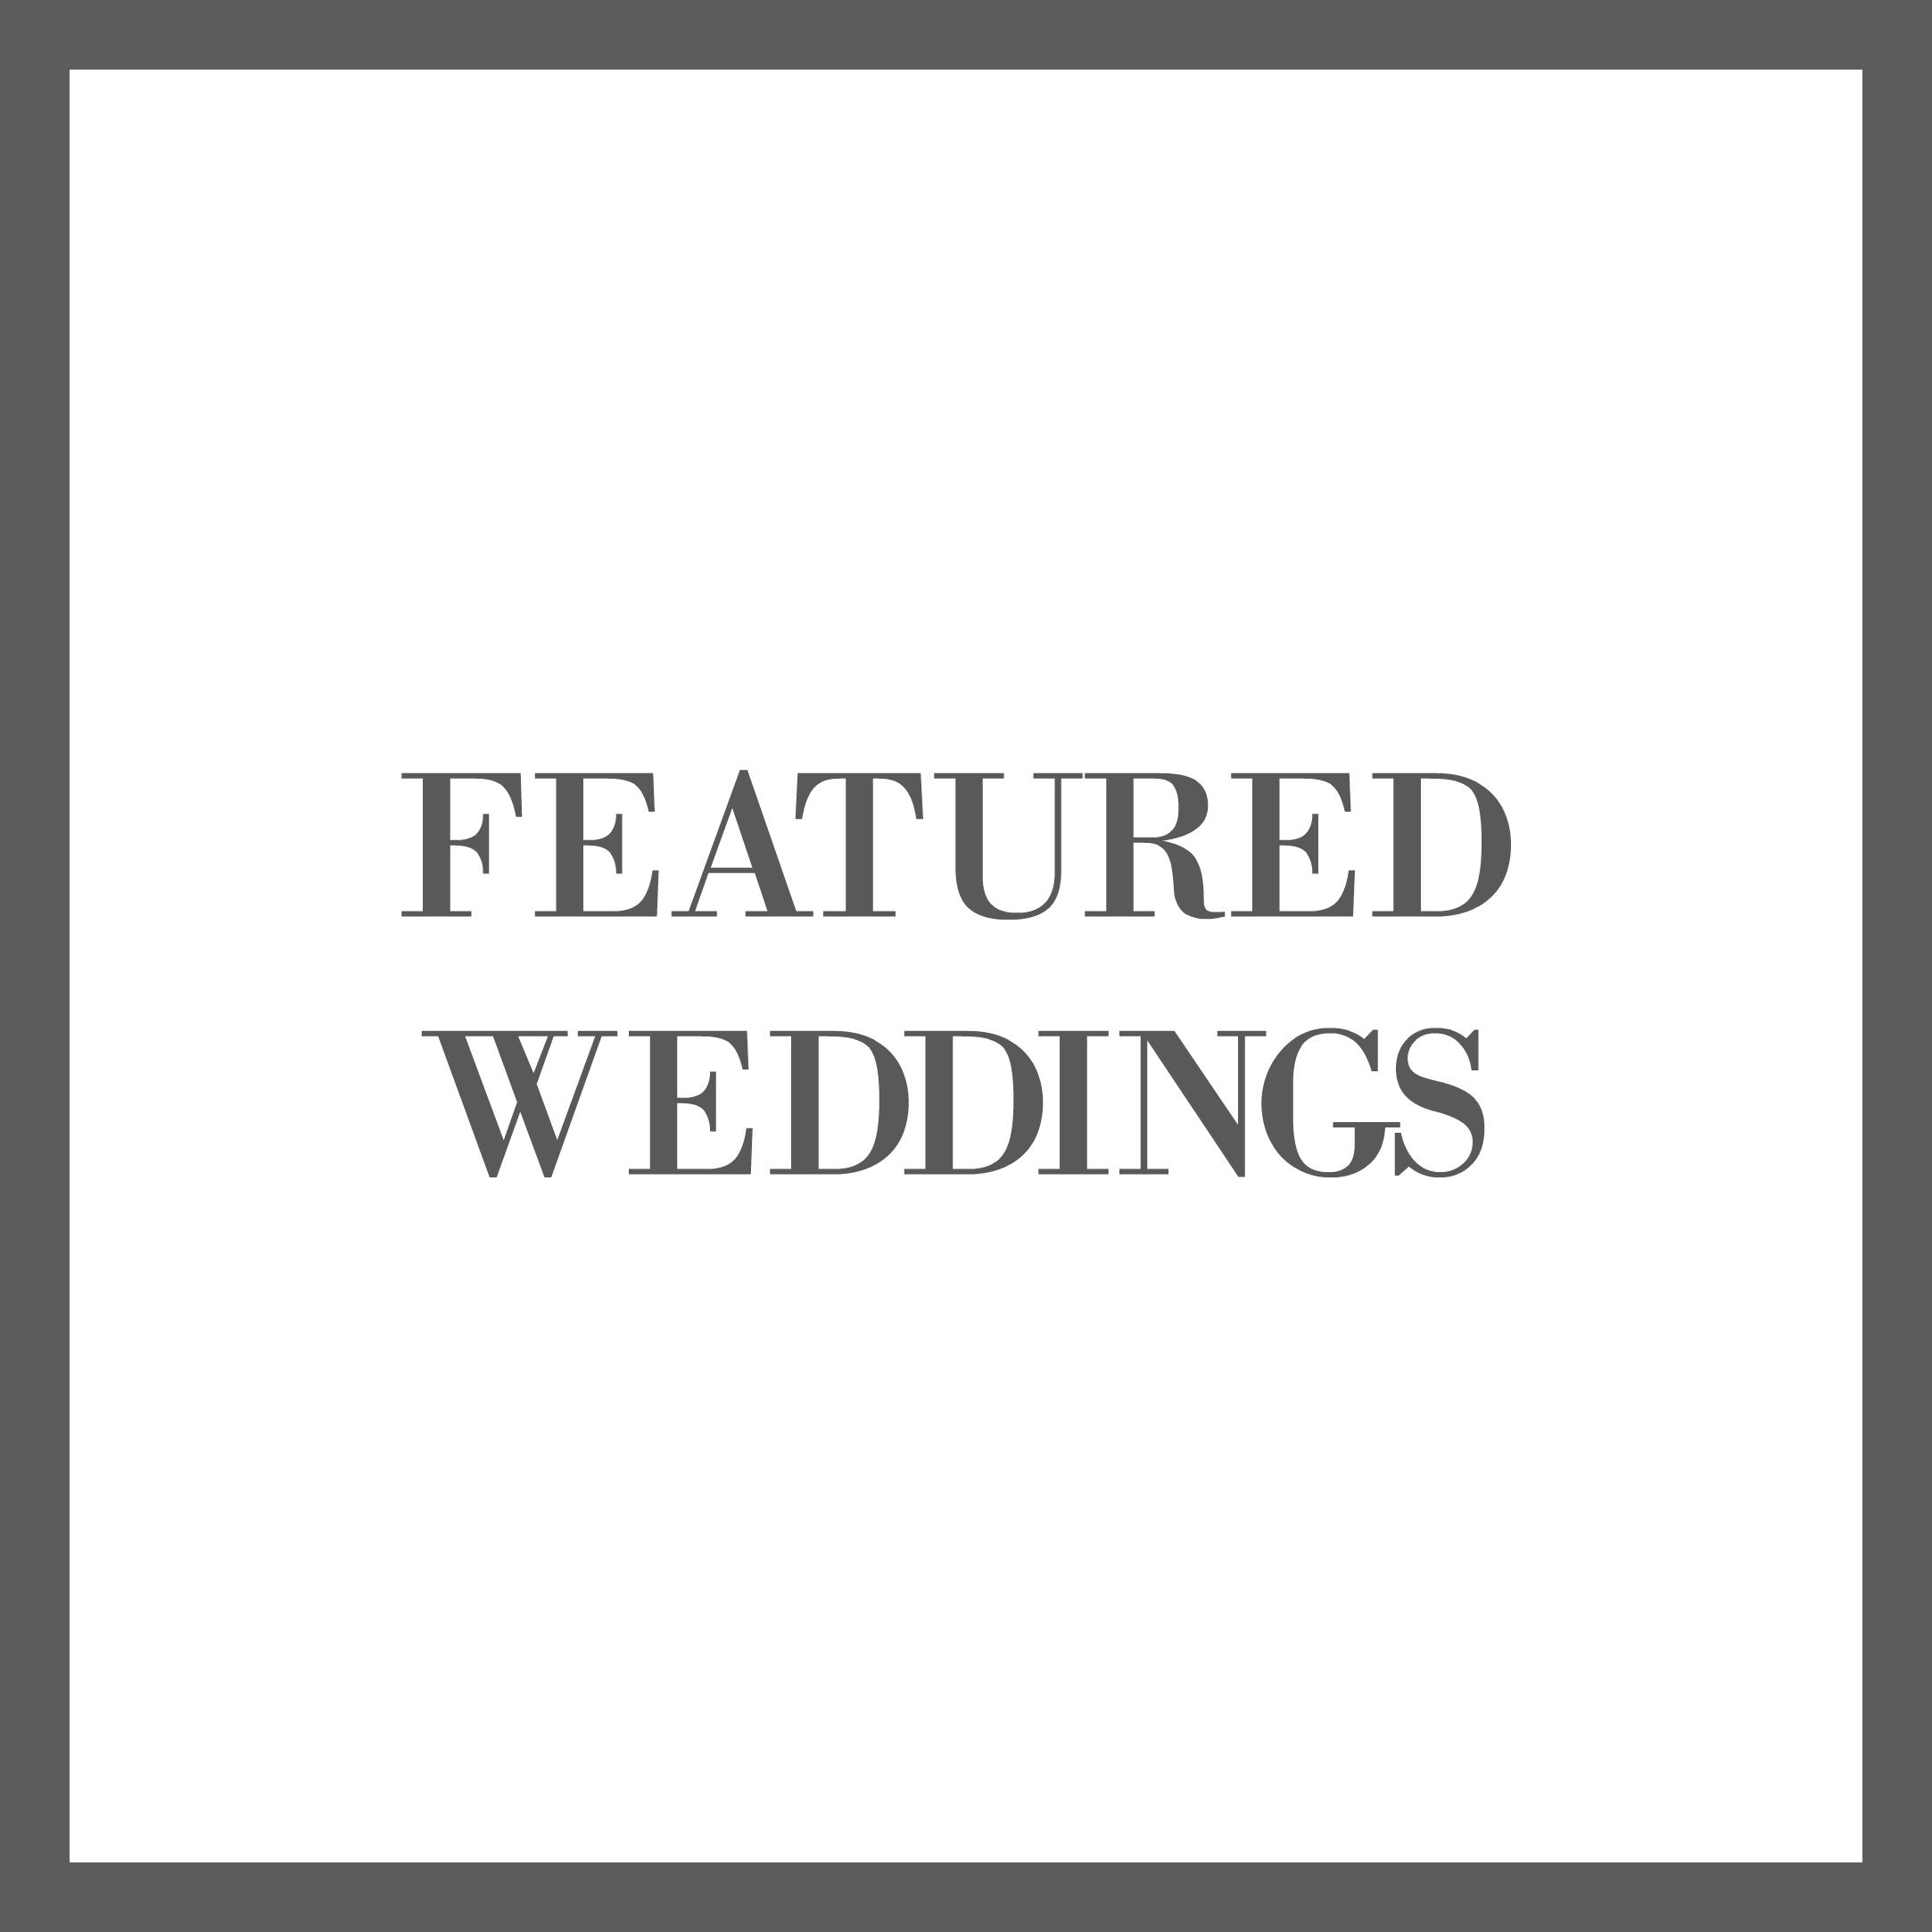 FEATURED WEDDINGS.jpg